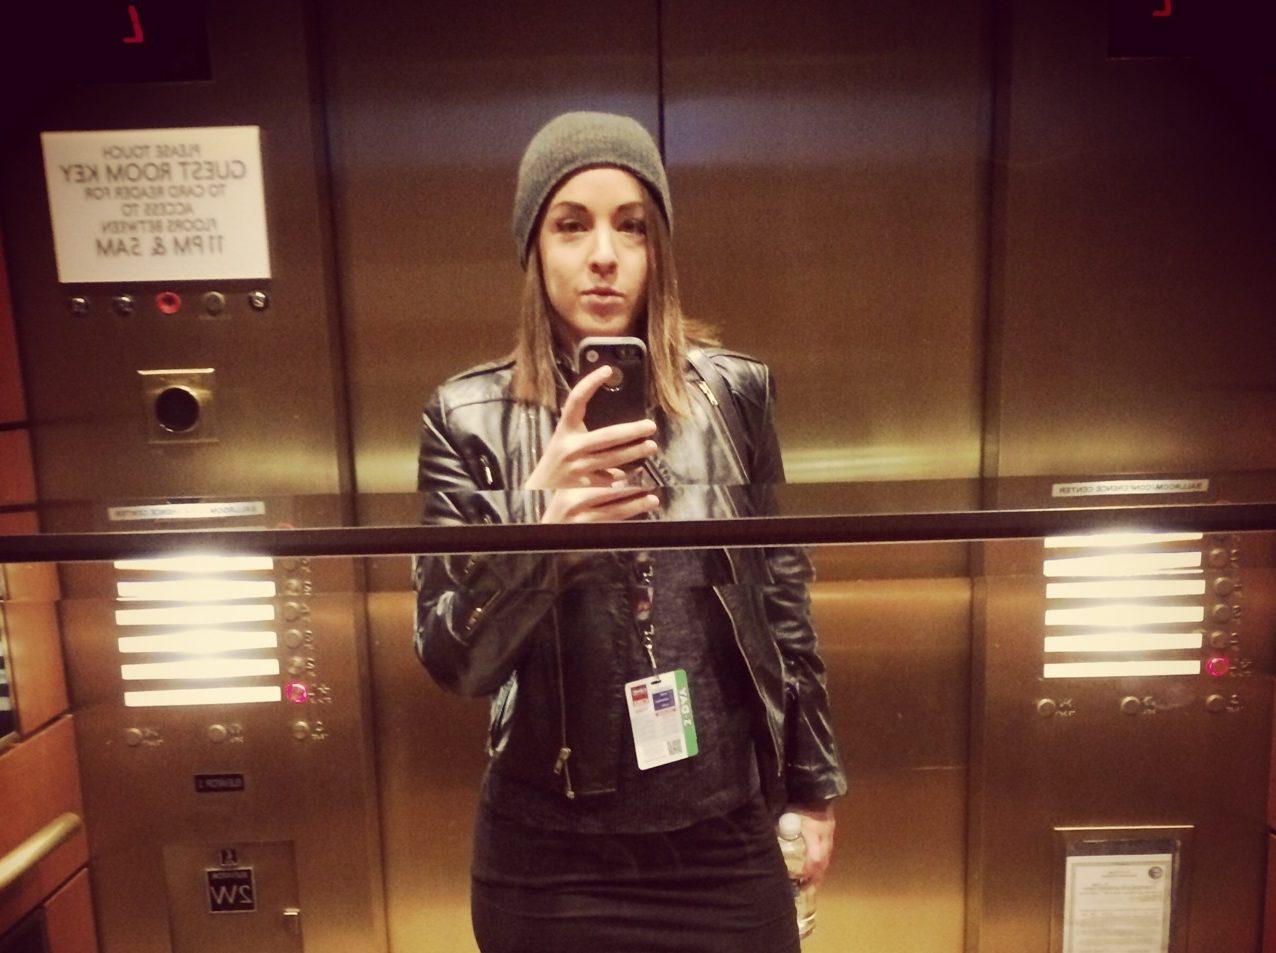 Фото девушки в лифте на аву в